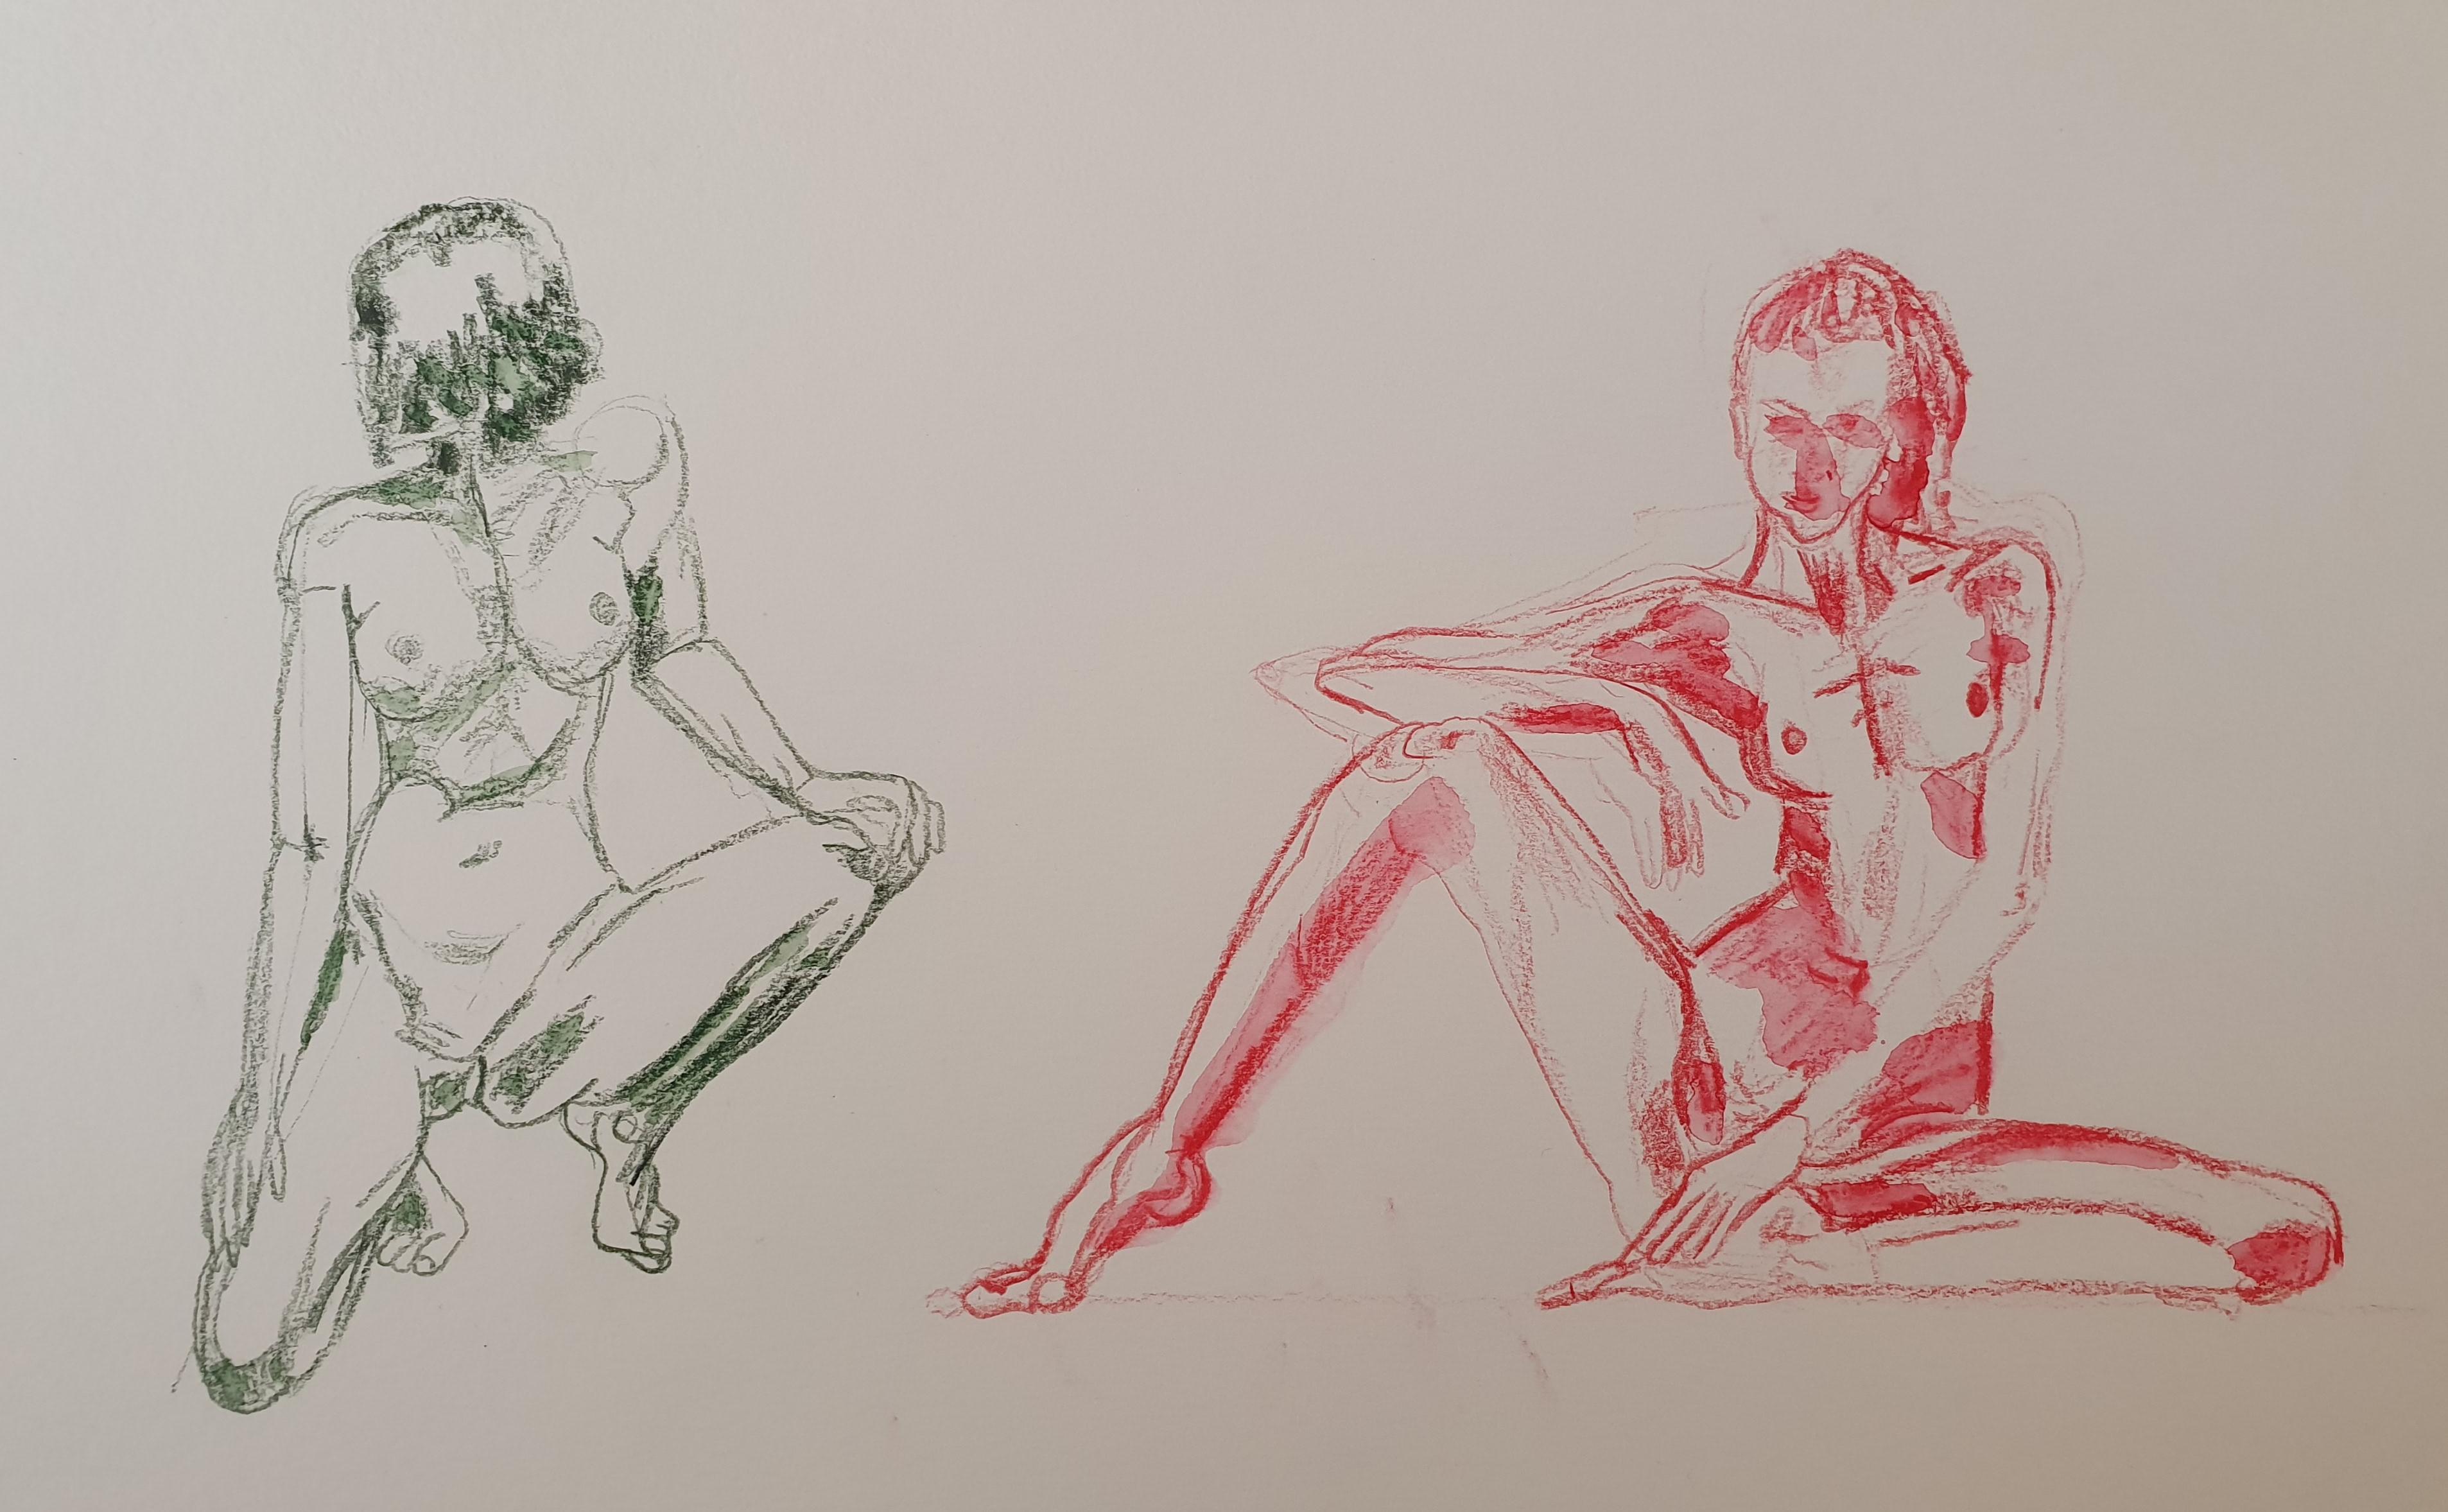 Étude mouvements du corps crayon de couleur verte et rouge  cours de dessin